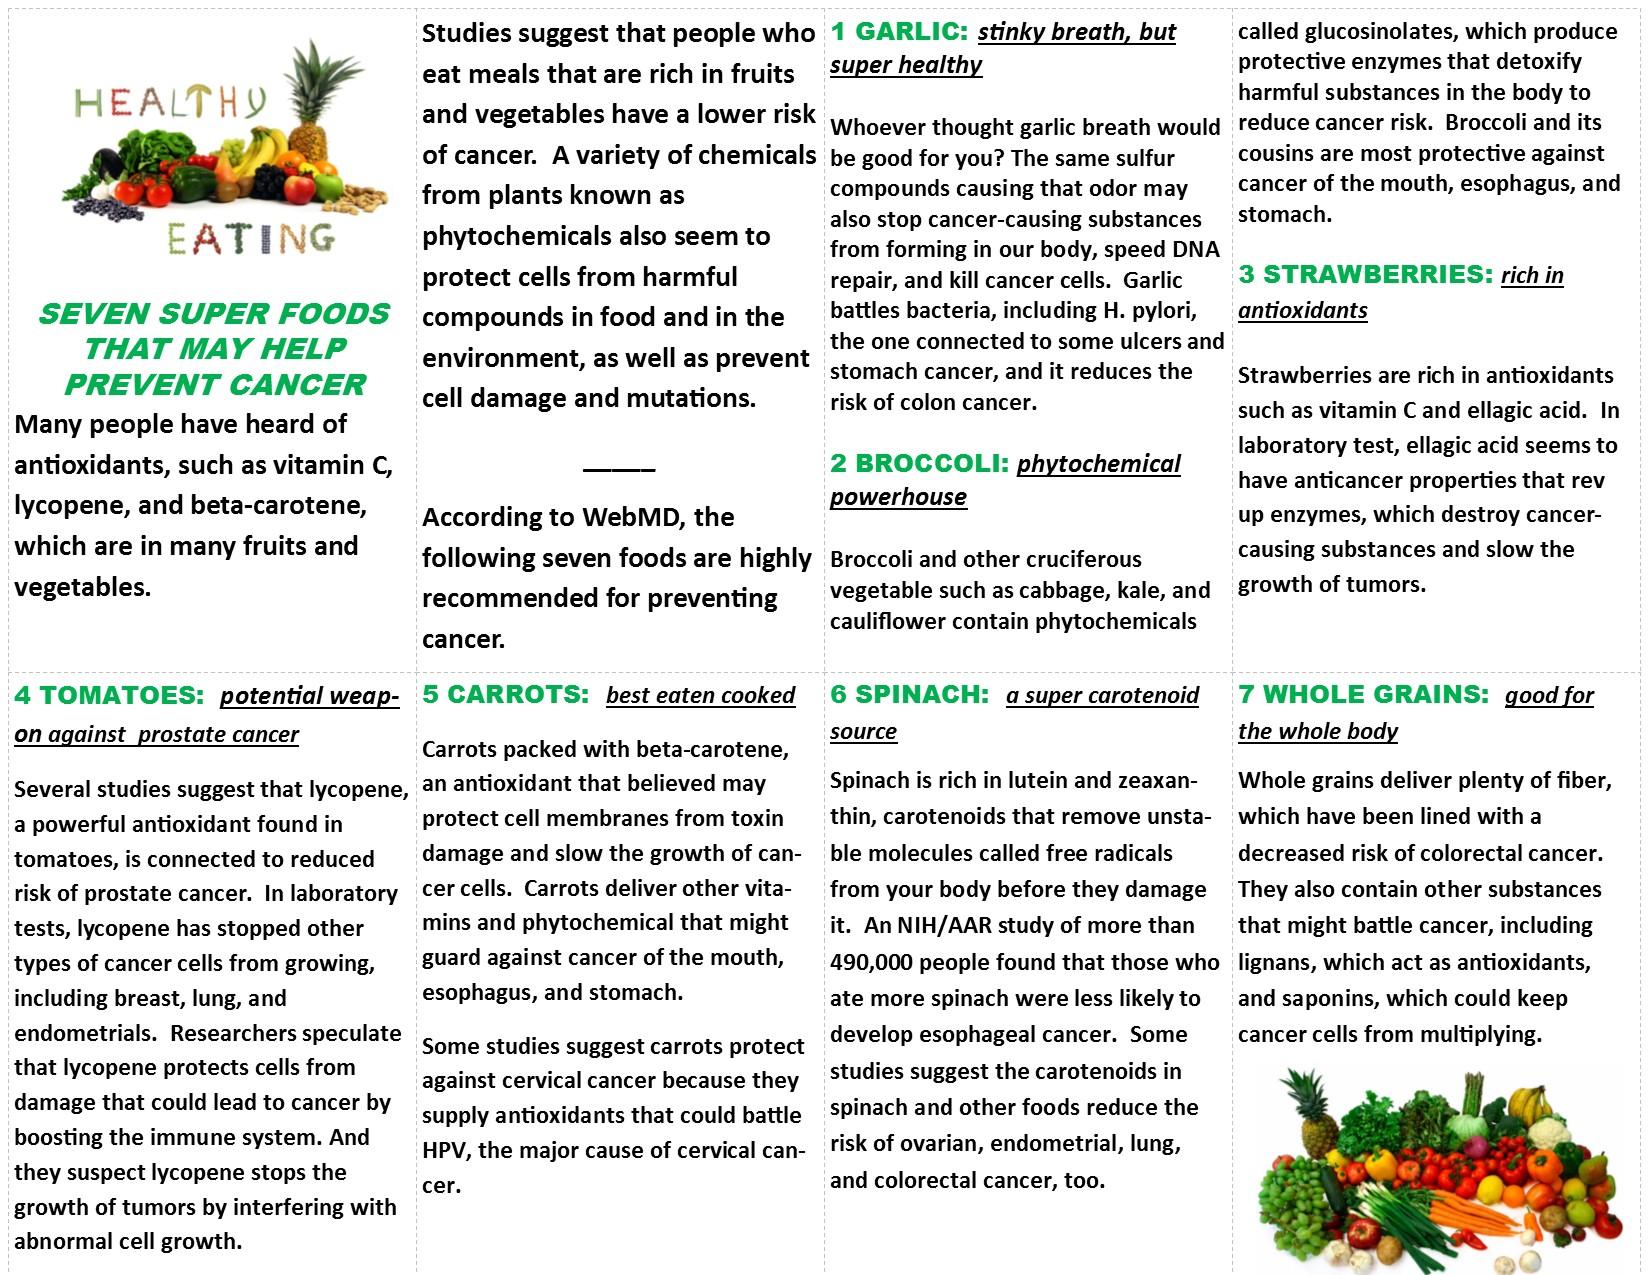 Diet & Cancer 2